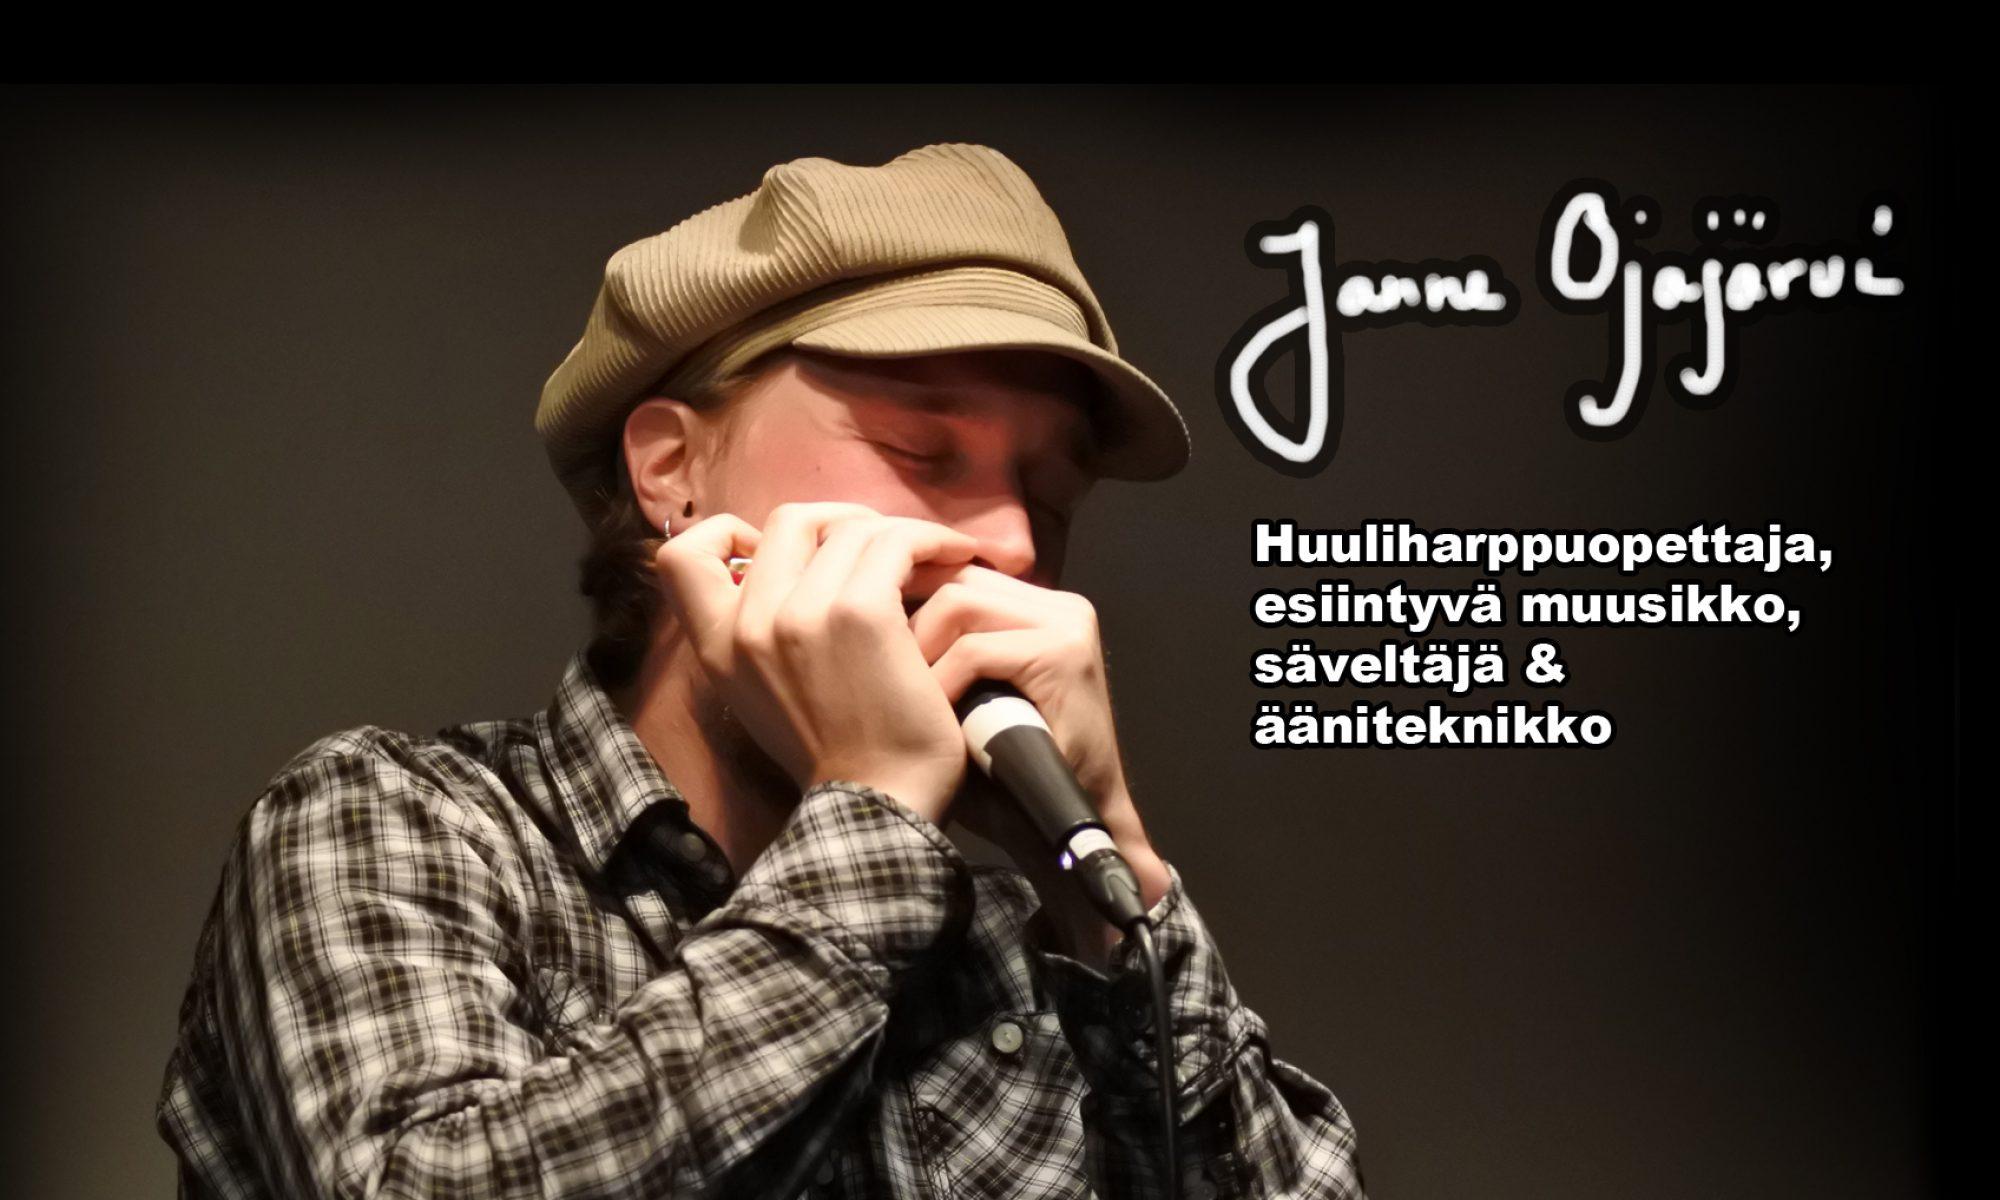 Janne Ojajärvi - huuliharput, yläsävelhuilut, laulu